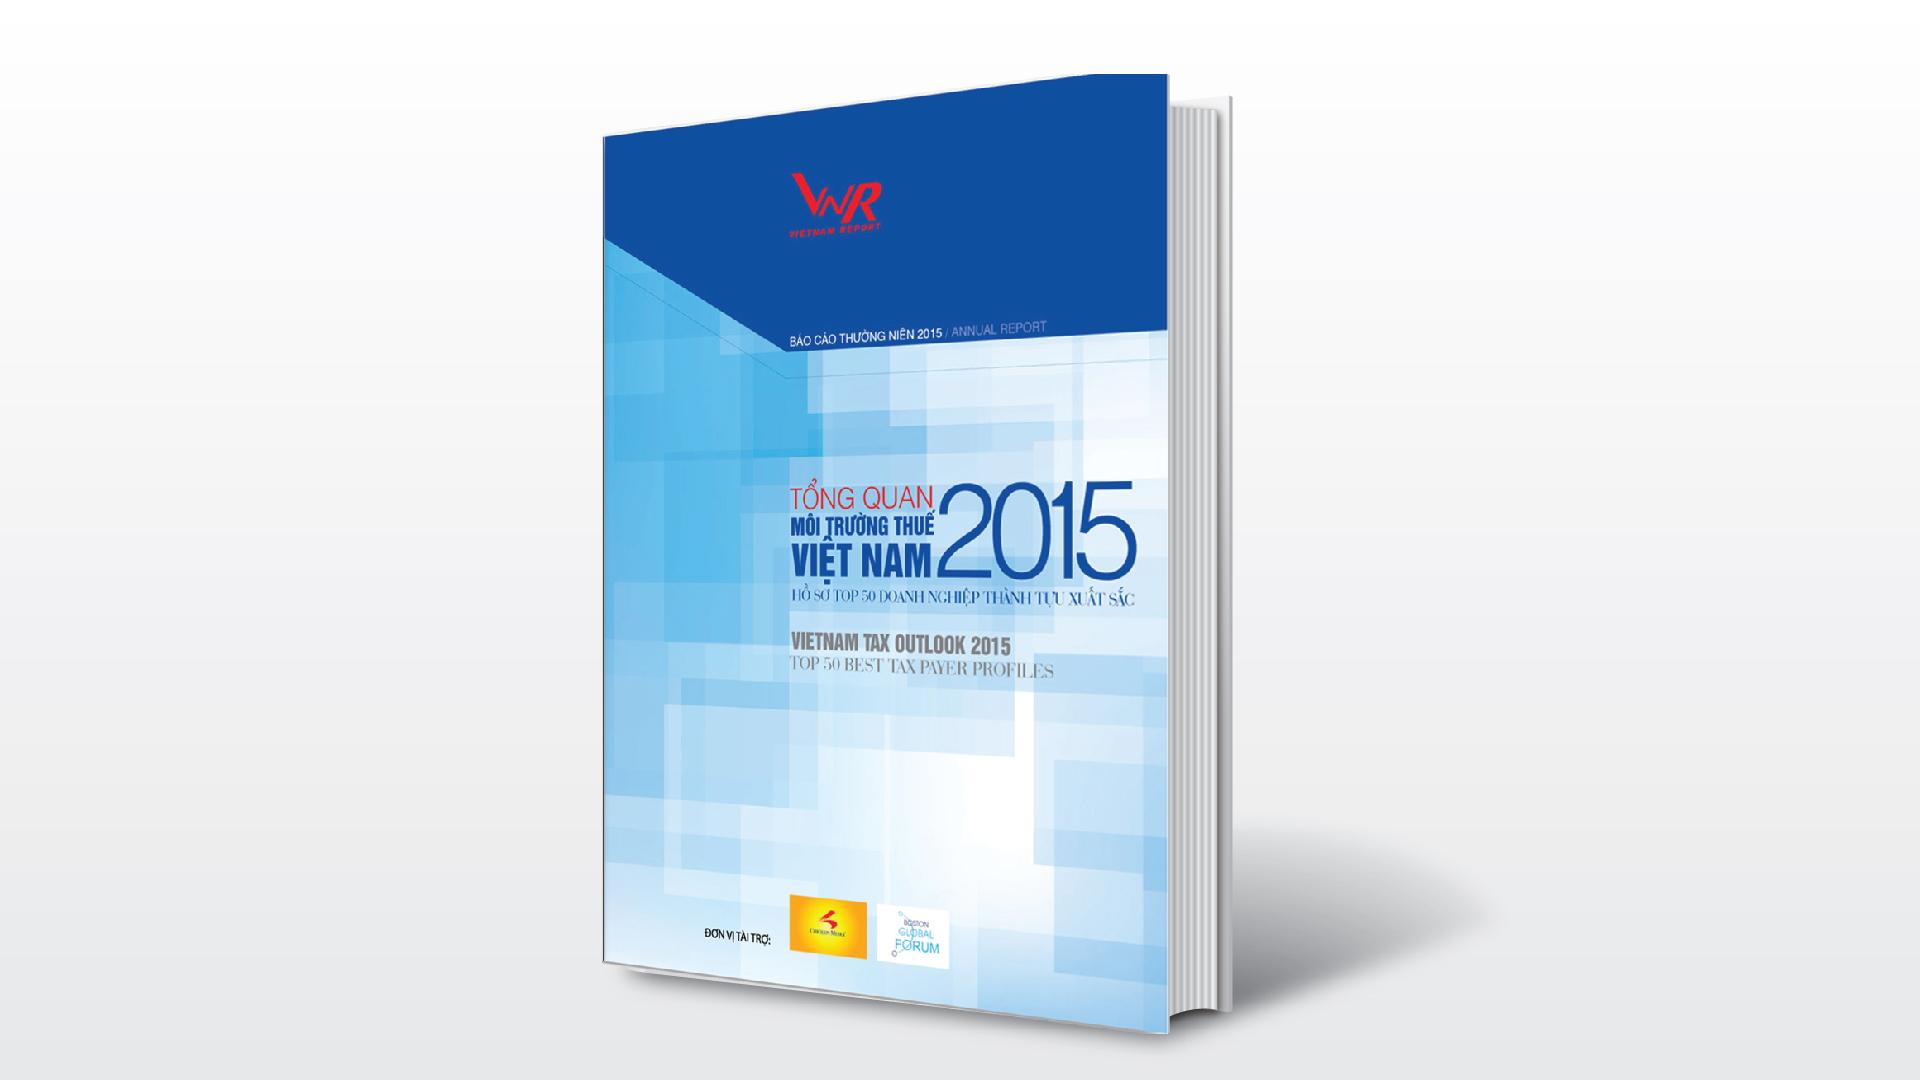 19/11/2015: Báo cáo thường niên Tổng quan Môi trường Thuế 2015